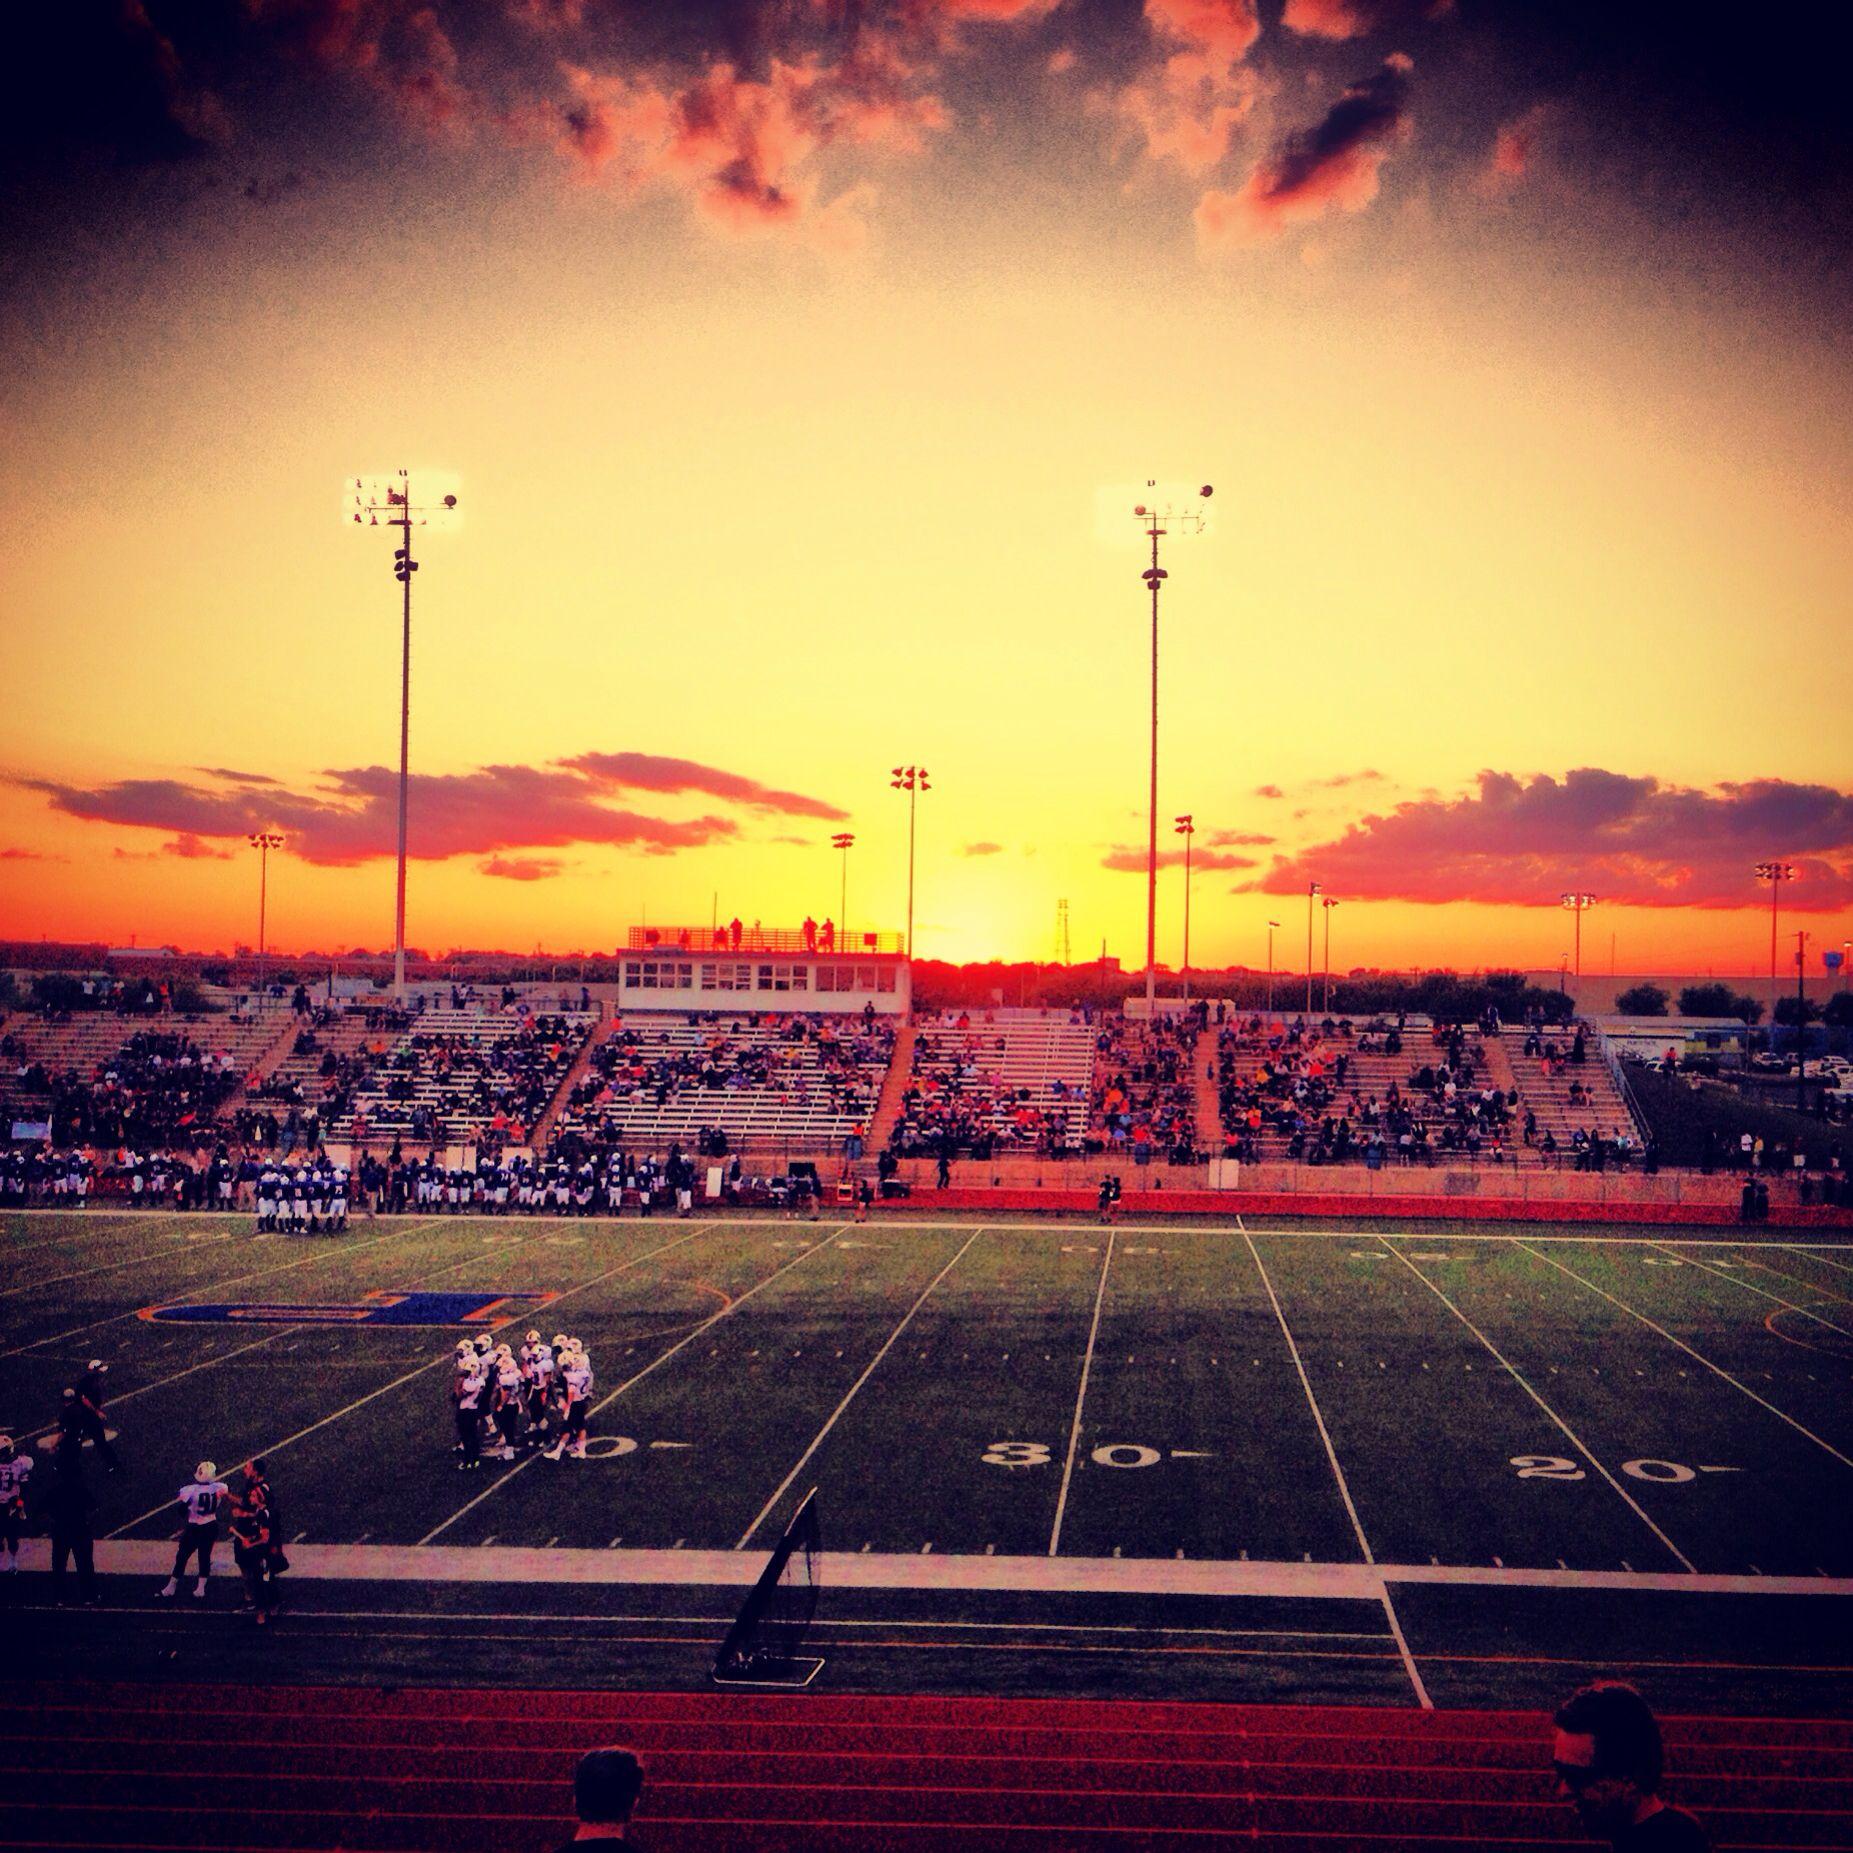 Friday night football games friday night football